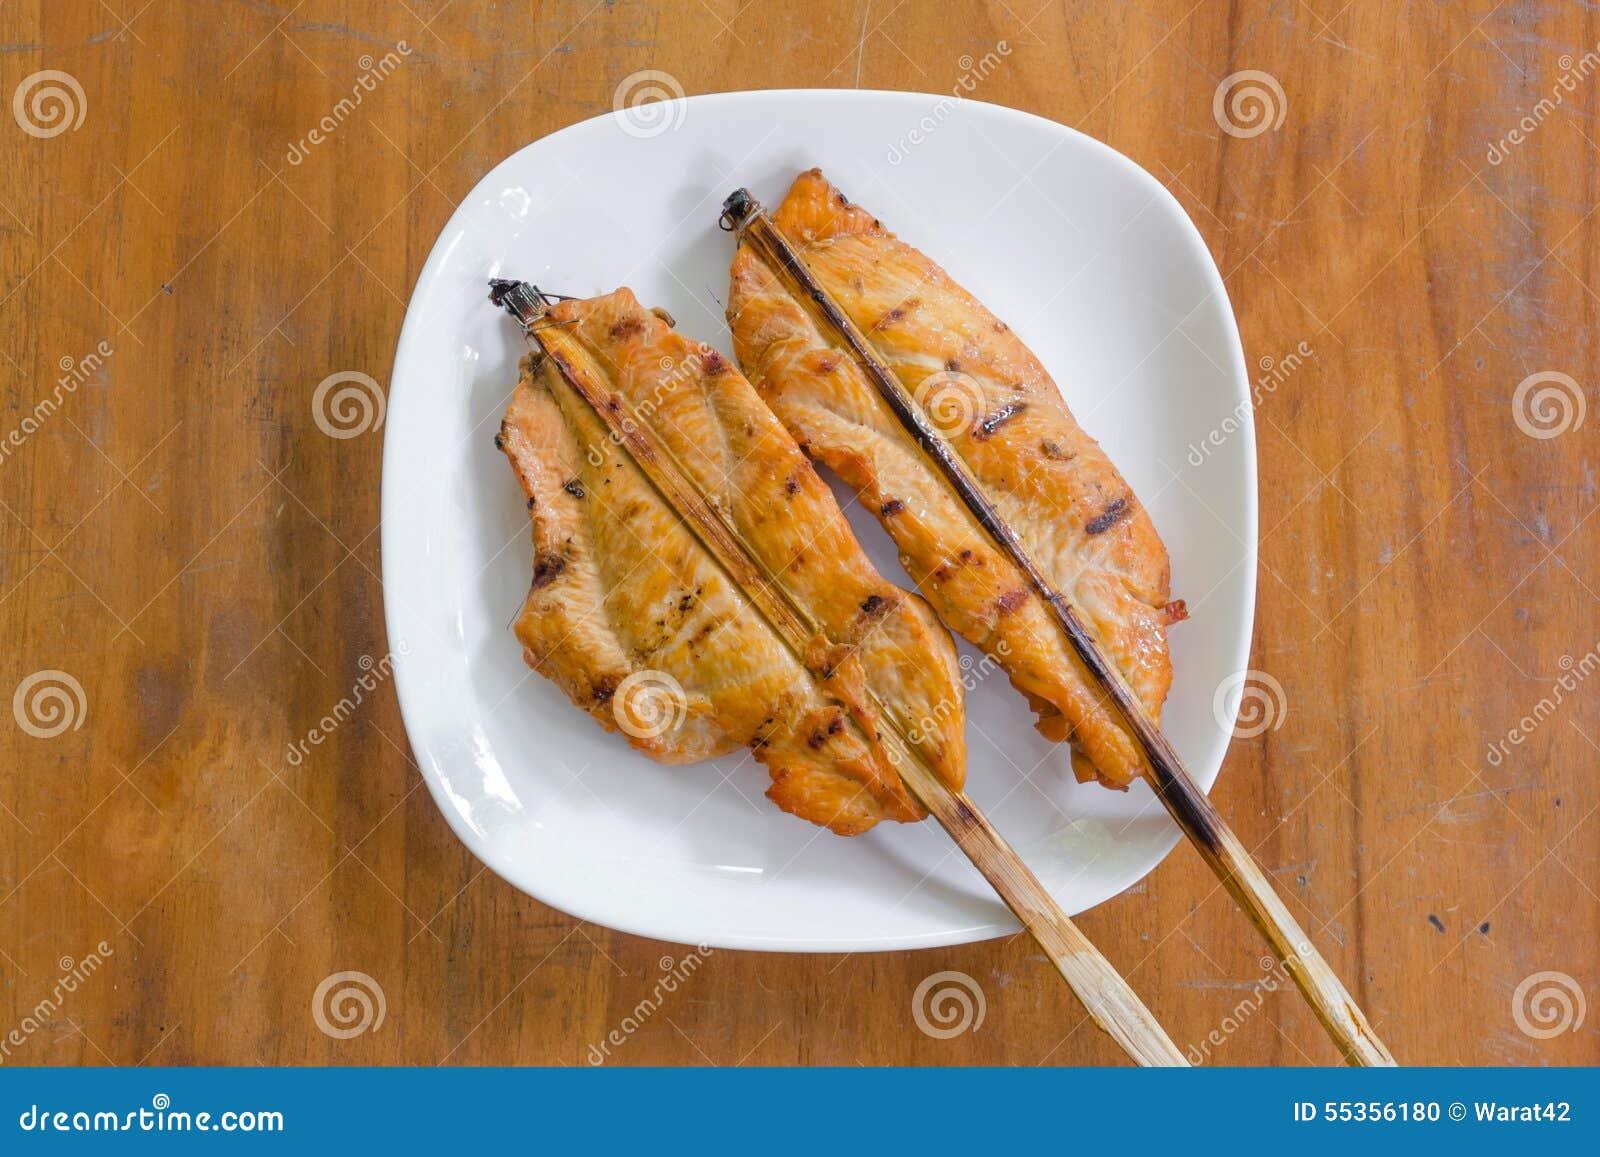 Pollo arrostito sul piatto bianco, fondo di legno